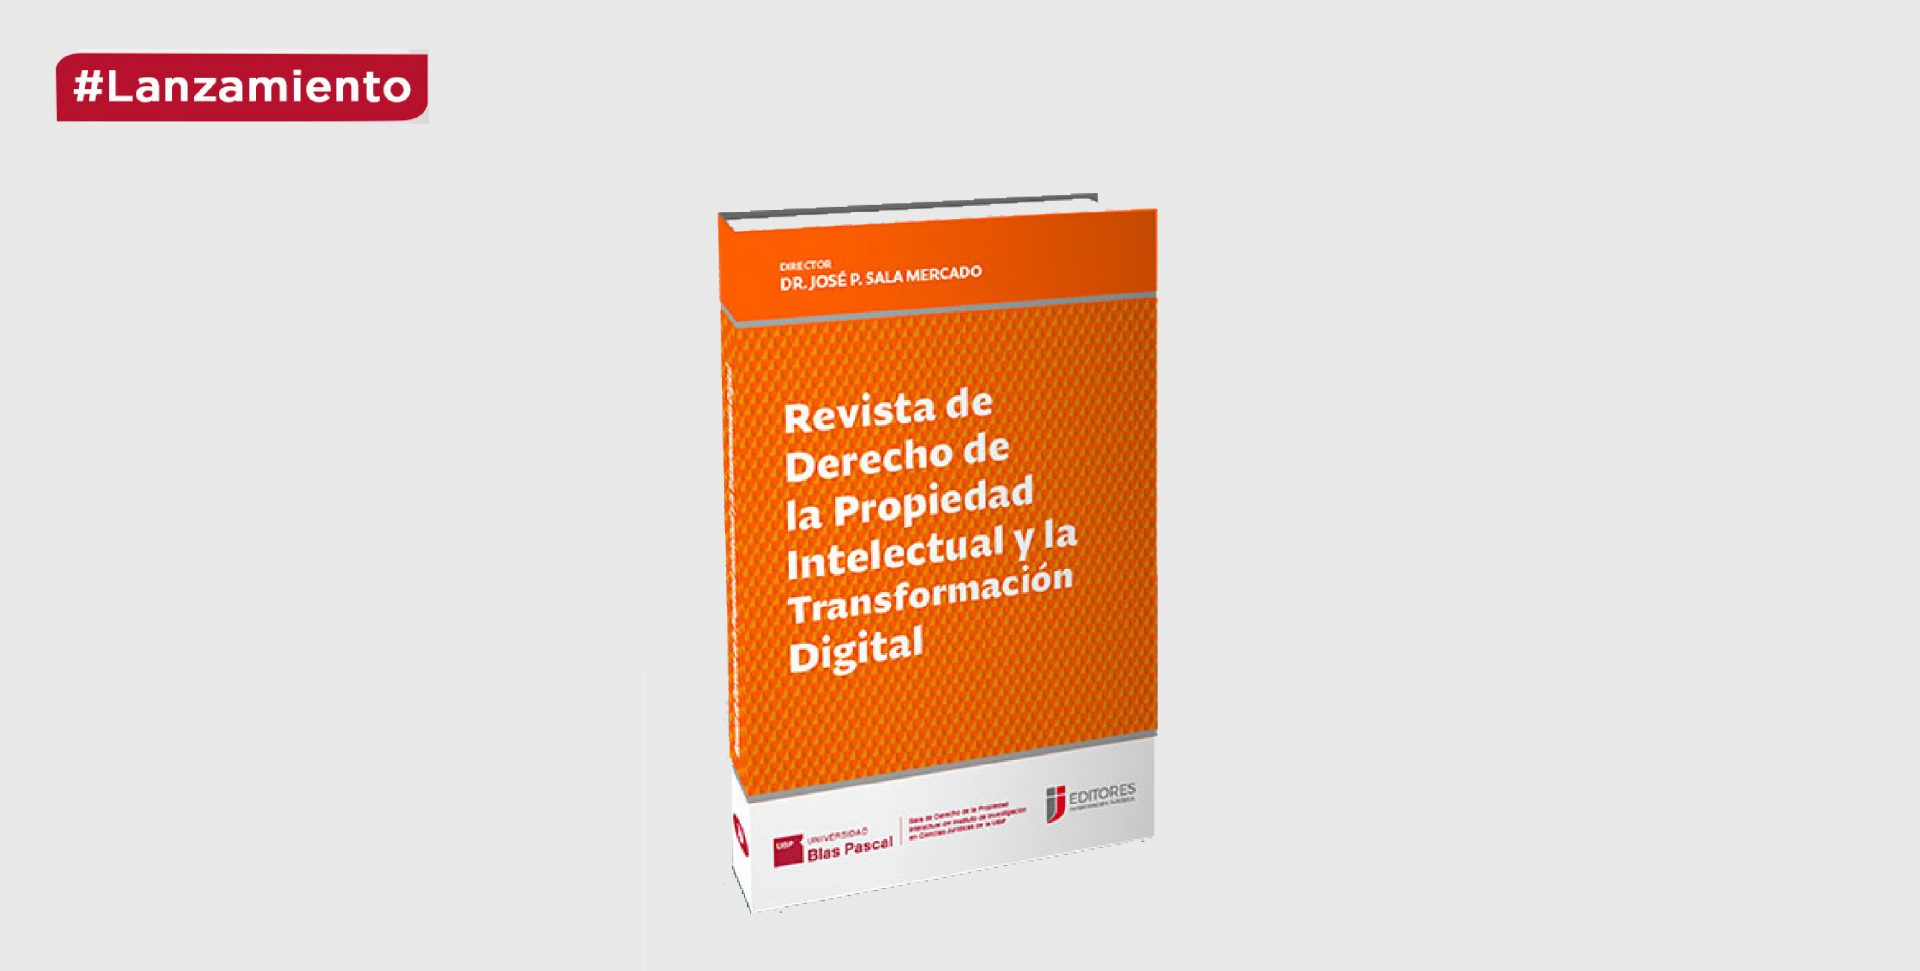 """Lanzamiento:  """"Revista de Derecho de la Propiedad Intelectual y la Transformación Digital"""""""